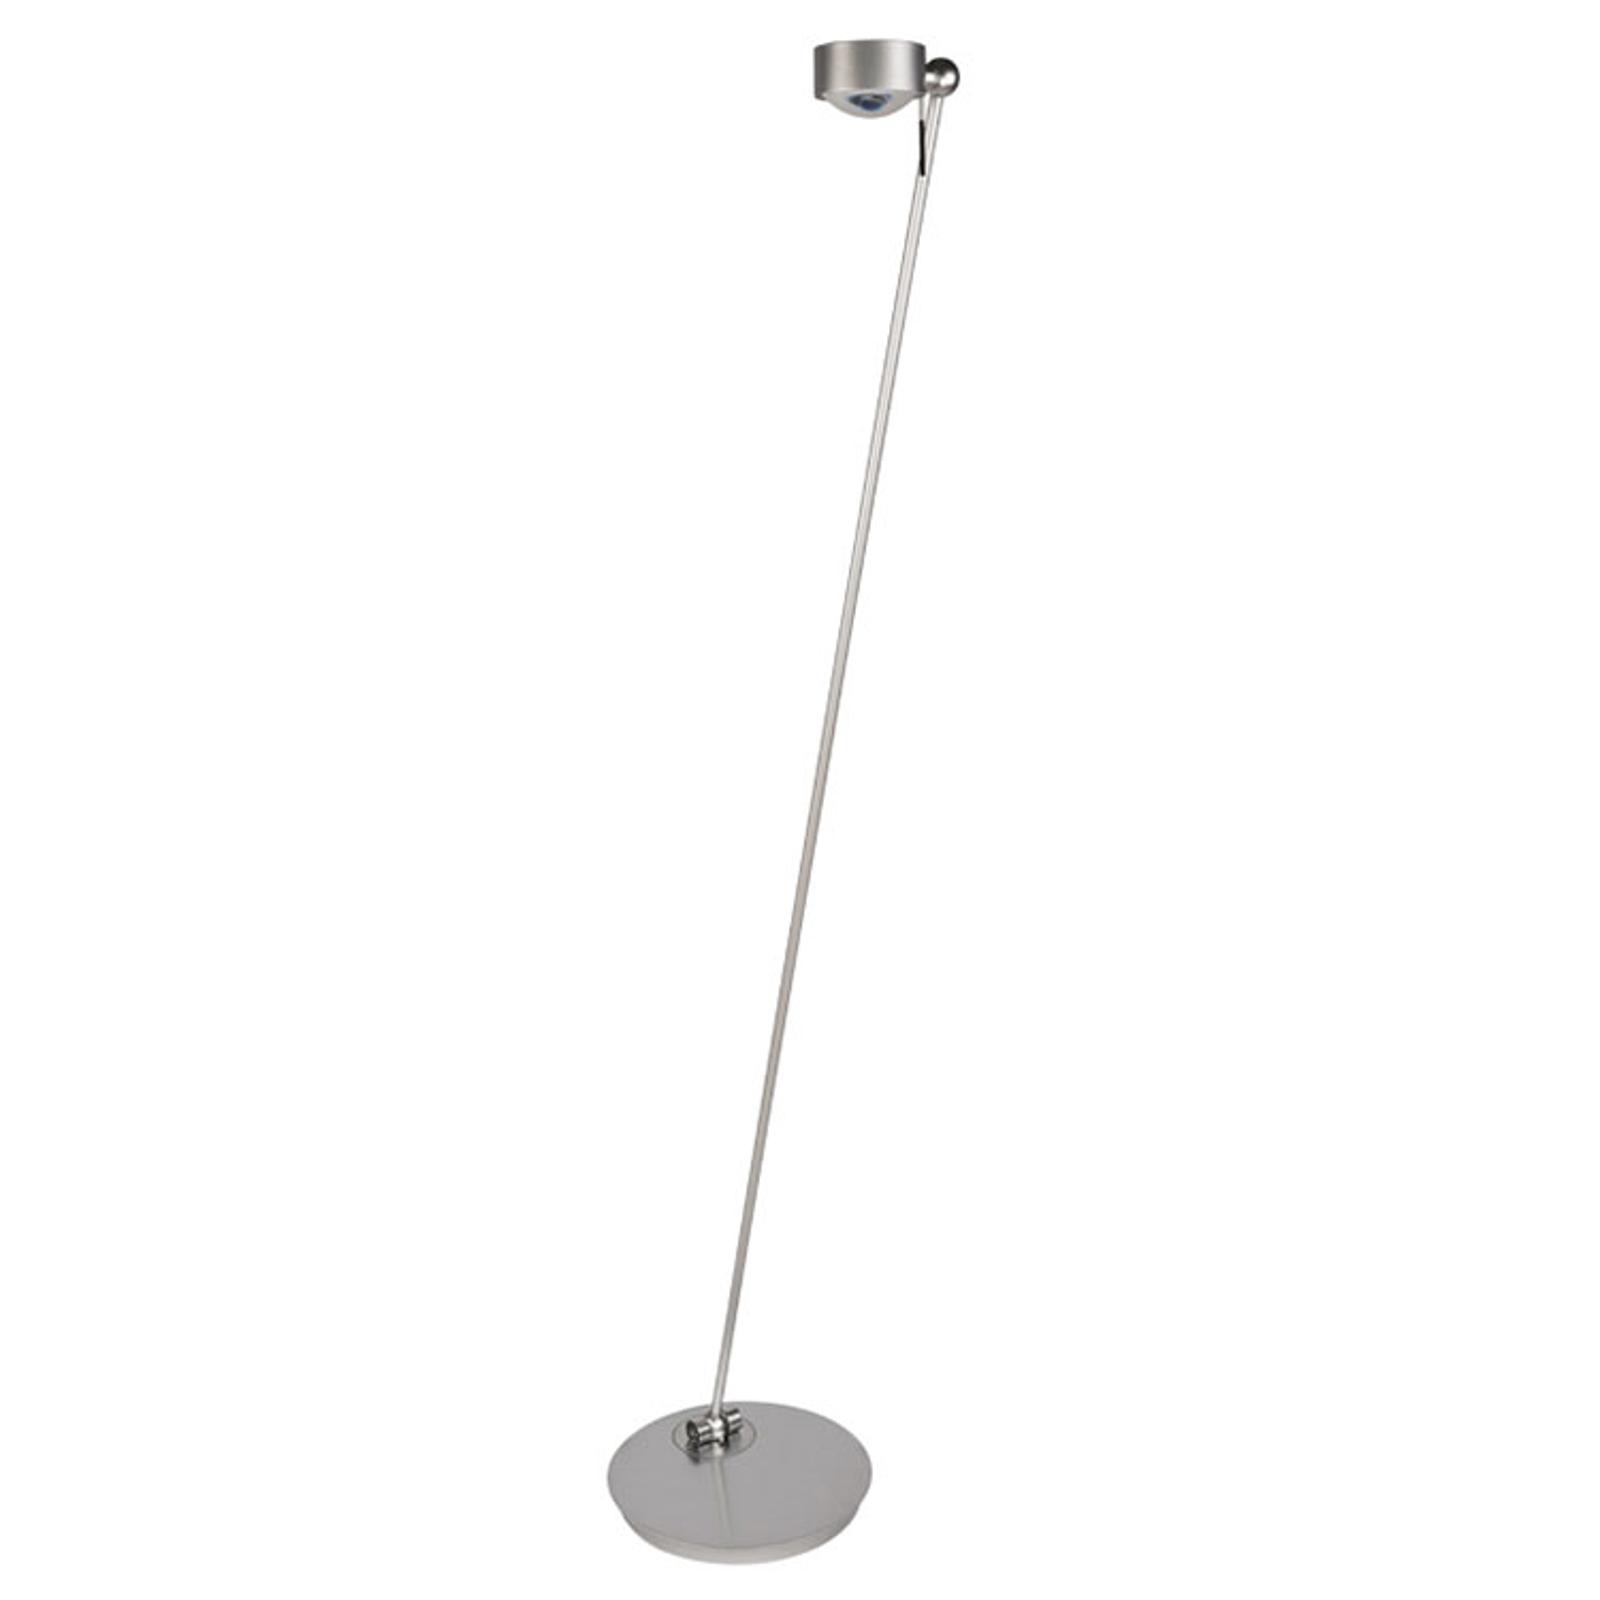 LED vloerlamp Puk Floor Mini Single mat nikkel